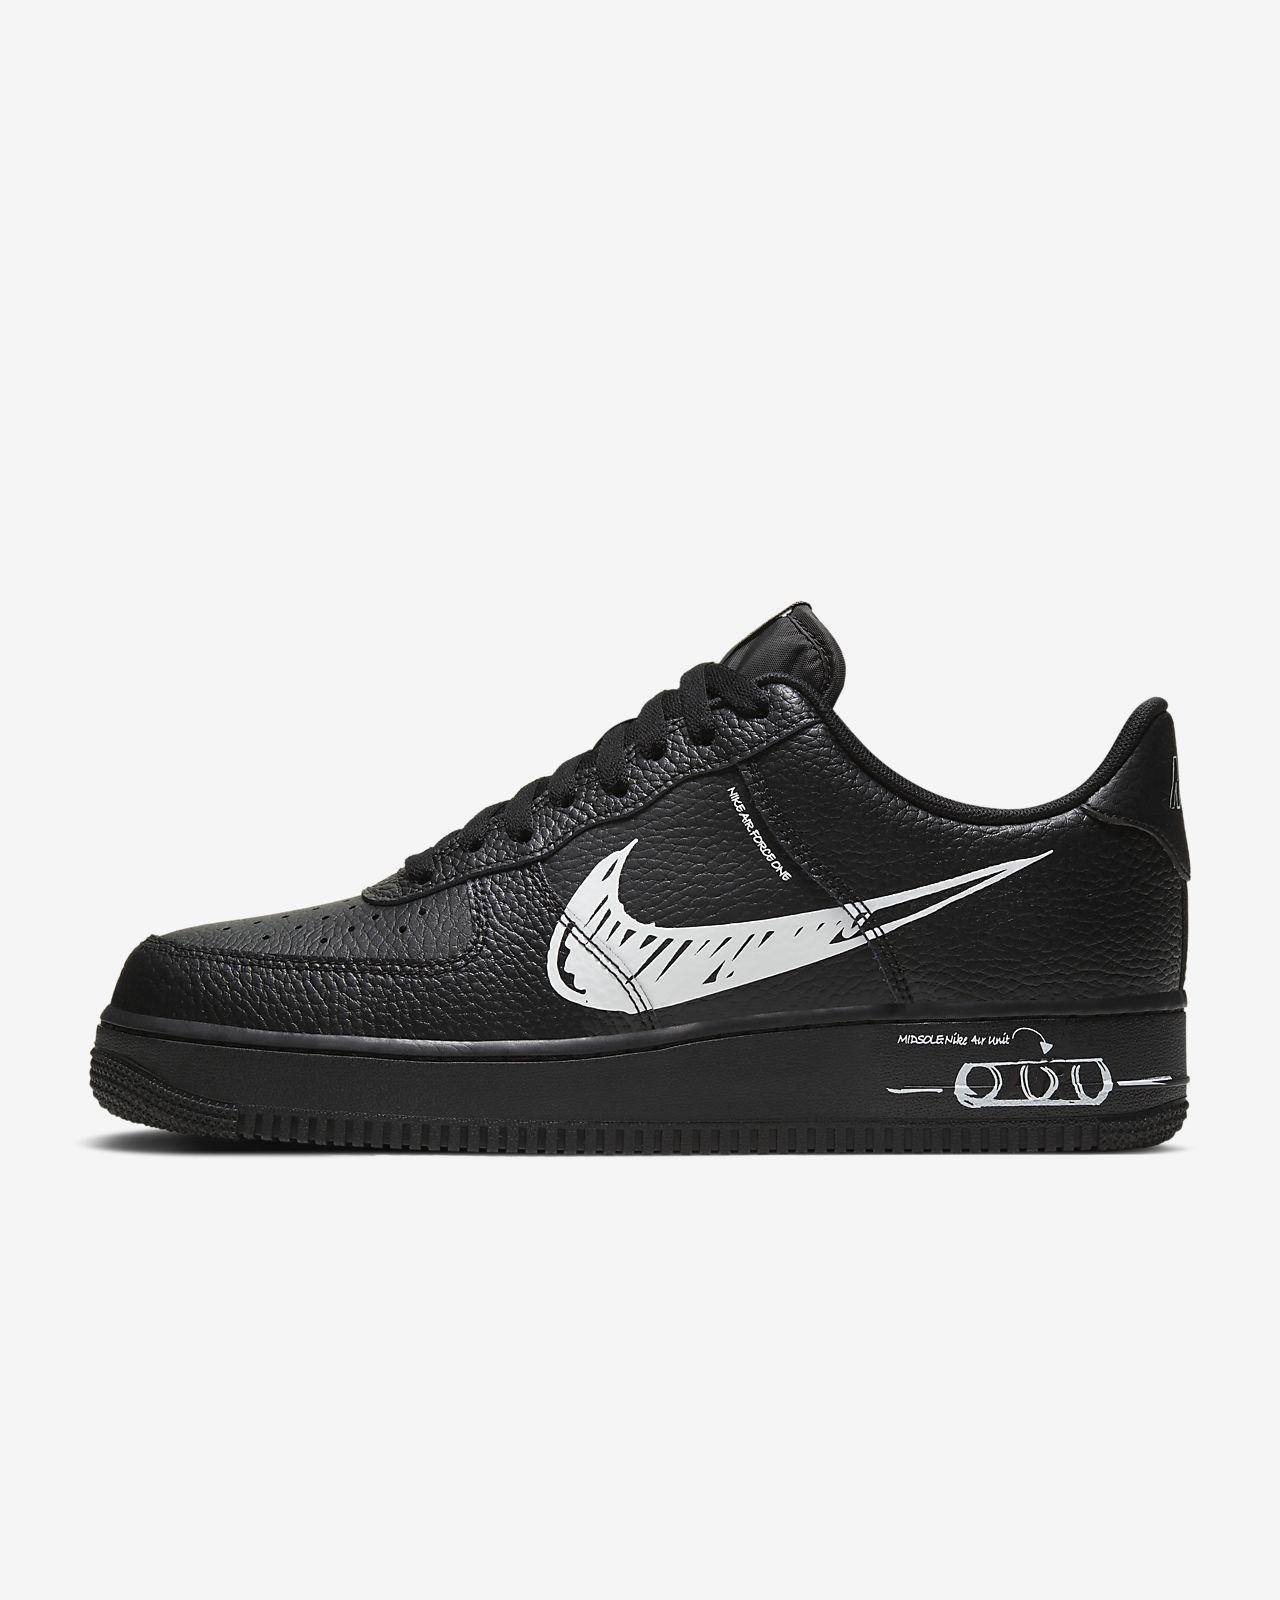 Ανδρικό παπούτσι Nike Air Force 1 LV8 Utility